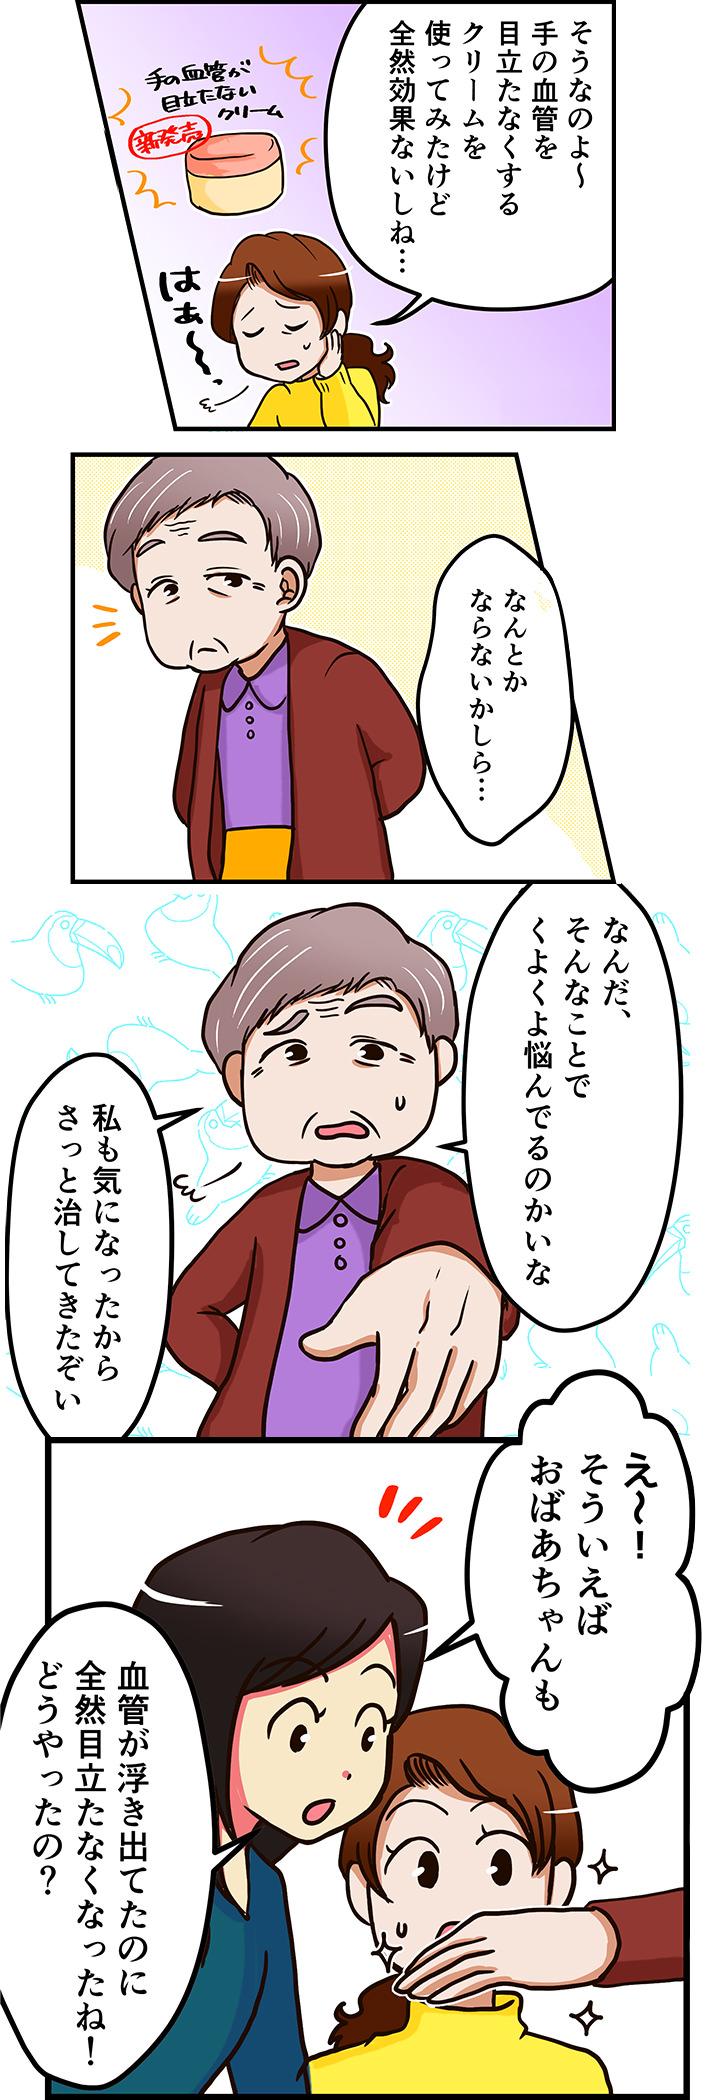 ハンドベイン漫画2(スマホ)